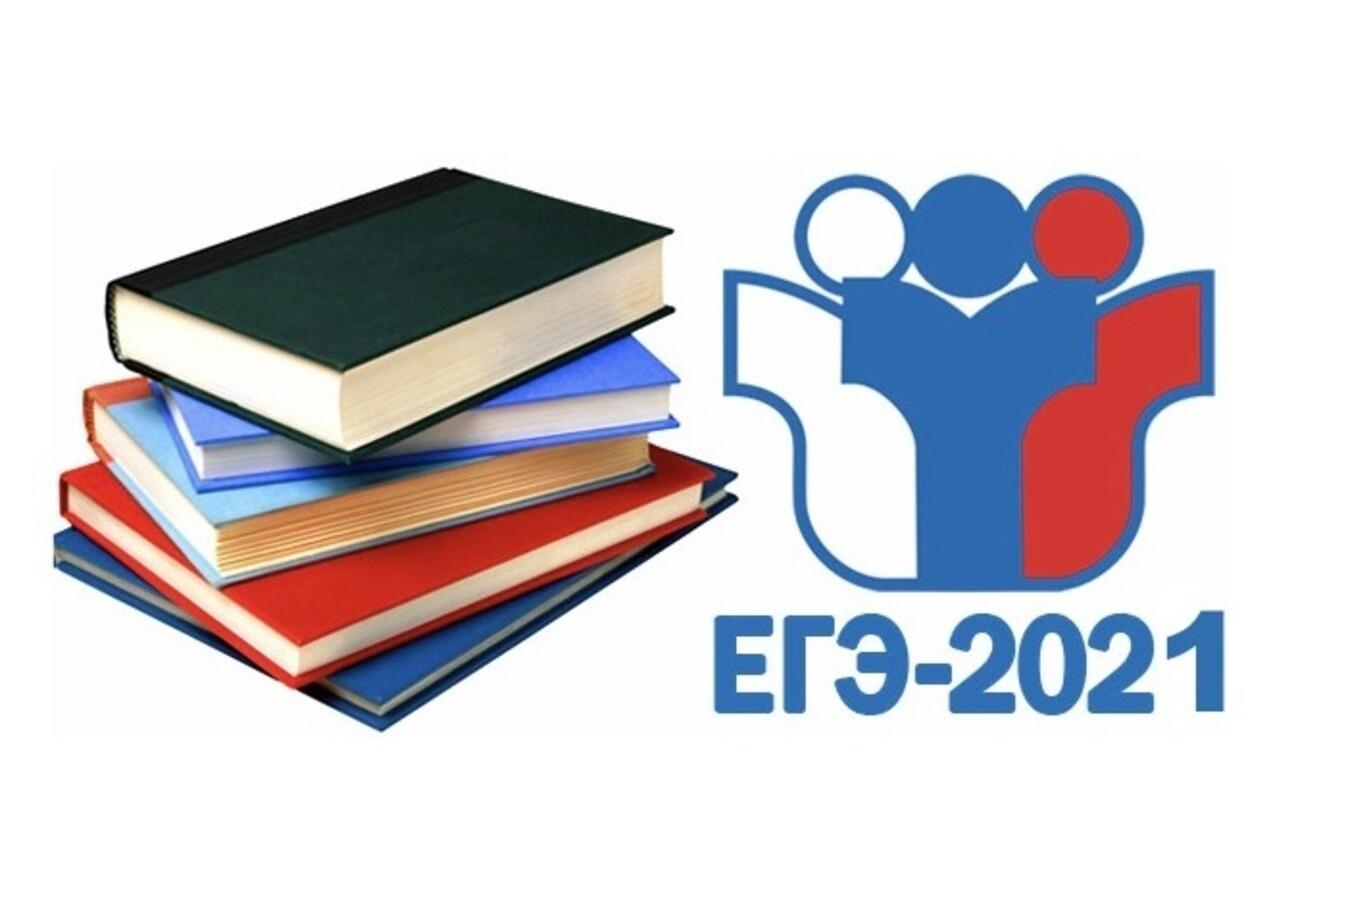 Рособрнадзор: результаты ЕГЭ сопоставимы с 2020 и 2019 годами